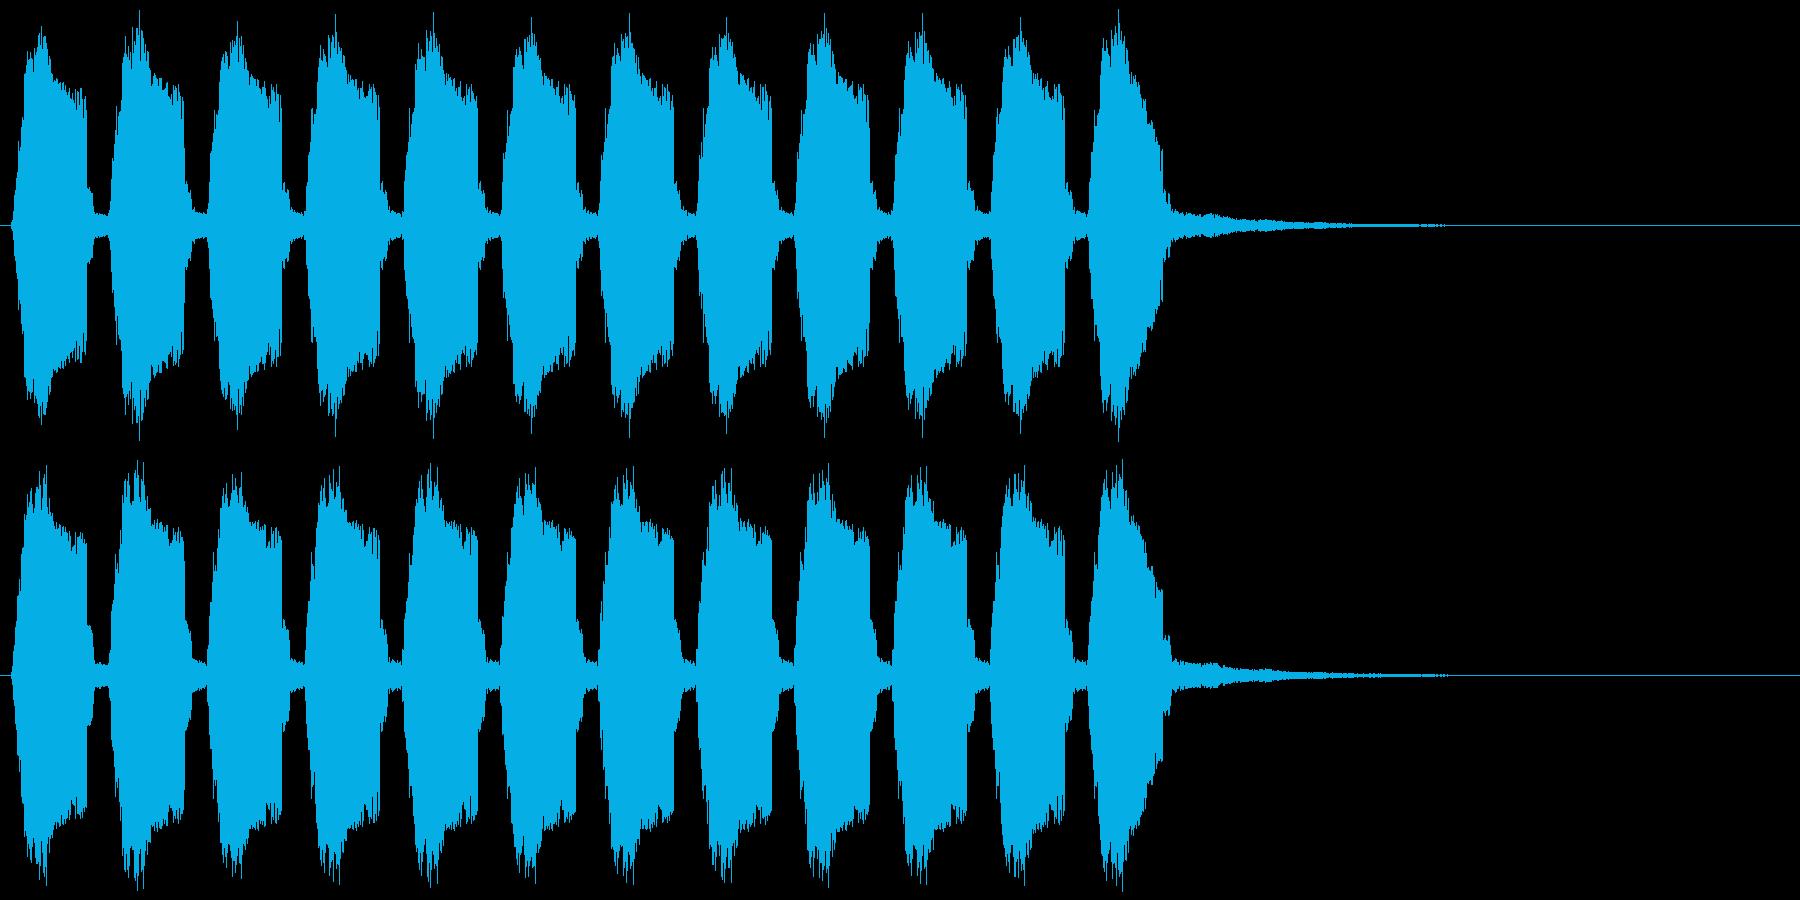 マシンガンの連射発砲音 ガガガガガガッ!の再生済みの波形